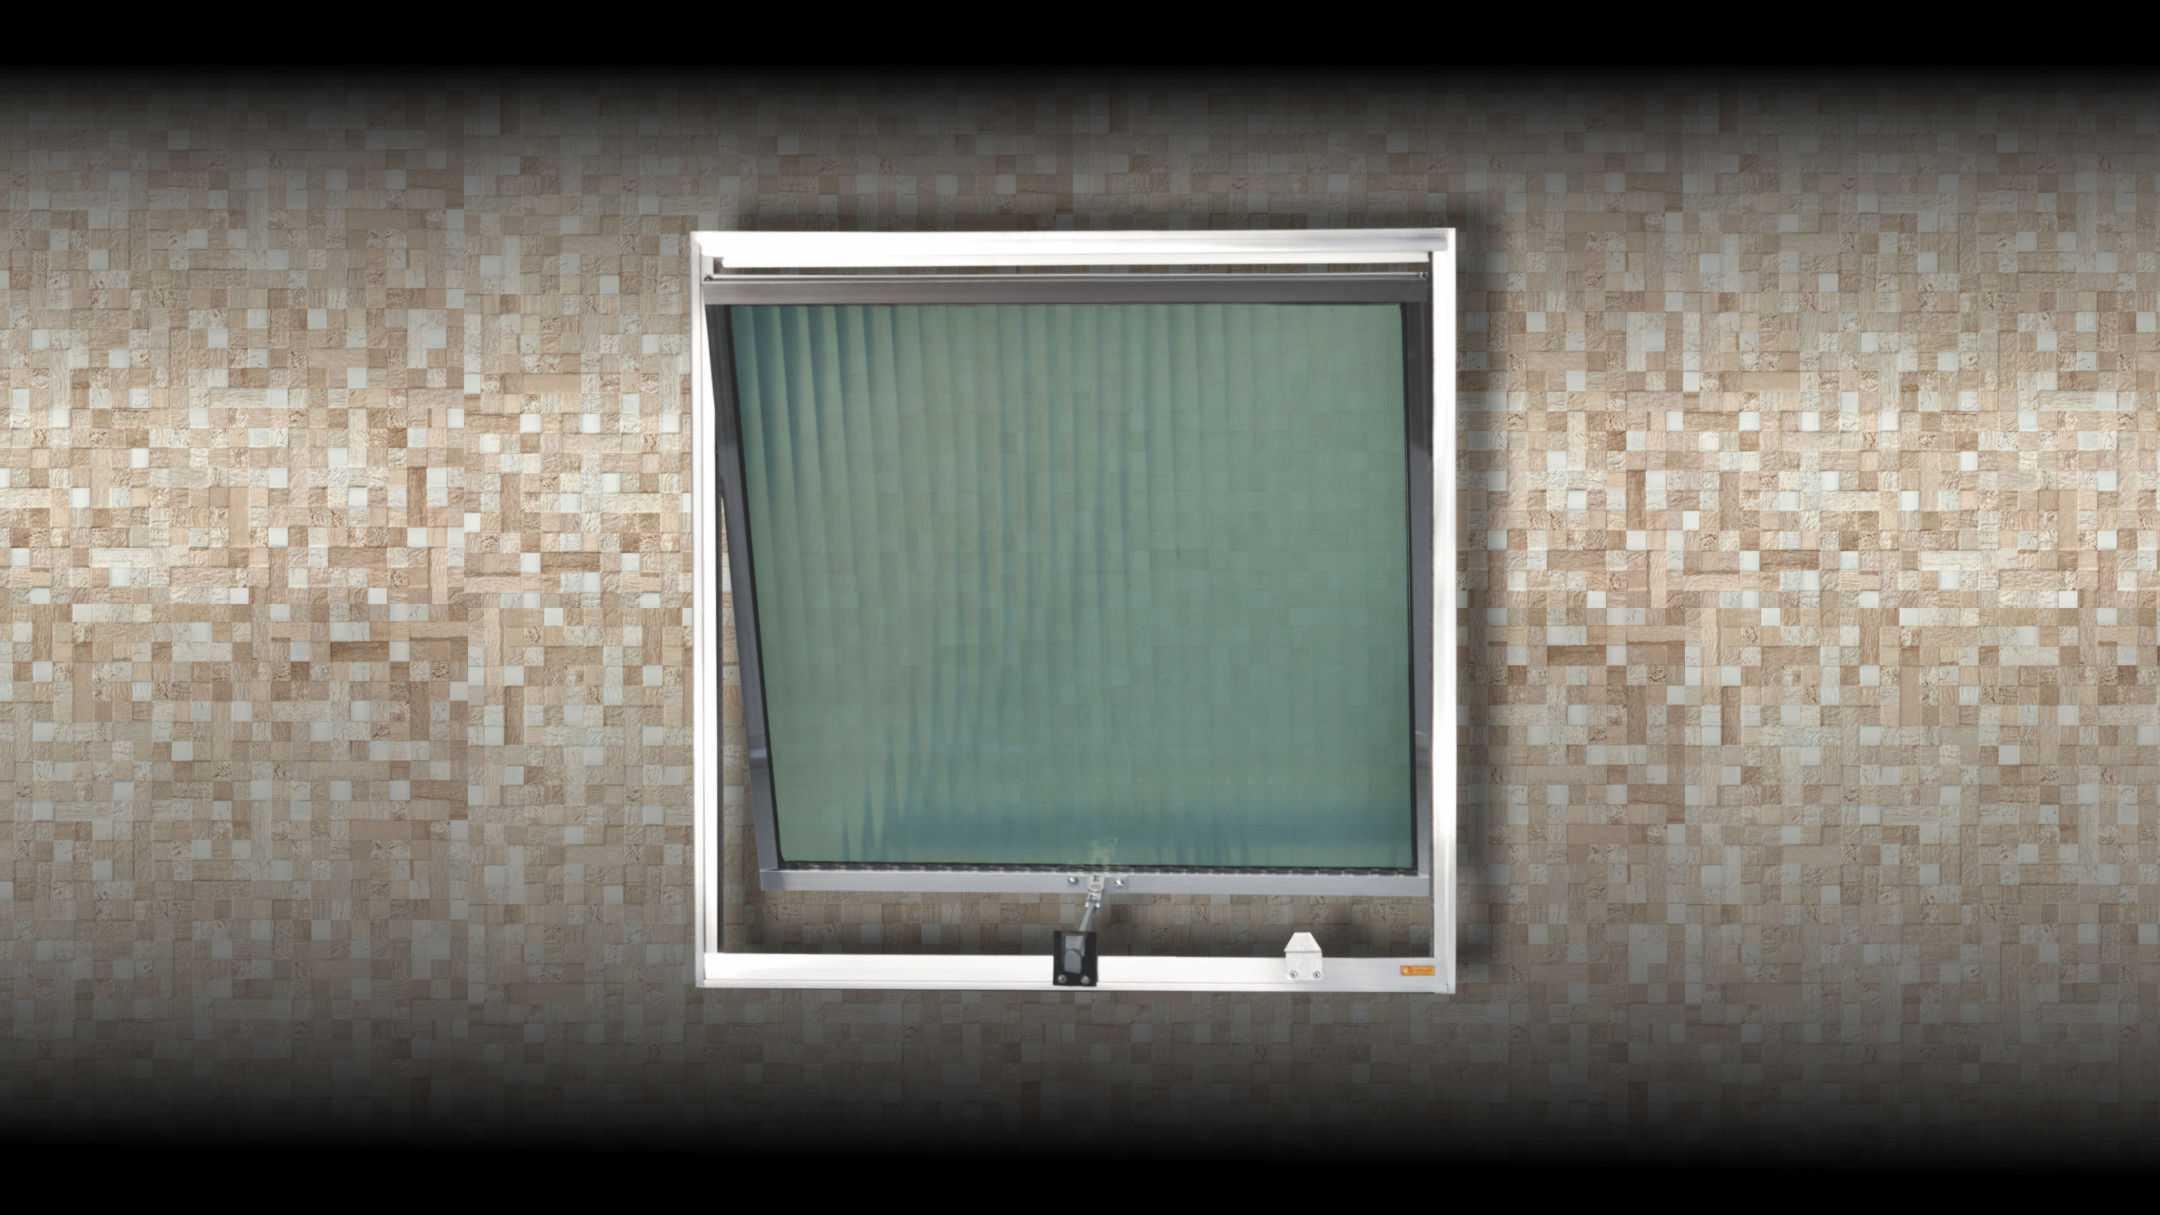 #7A6951 Fabricamos Suas Porta E Janelas Sobre Medidas Retiramos Suas Janelas  1234 Portas E Janelas De Vidro Usadas Em Bh